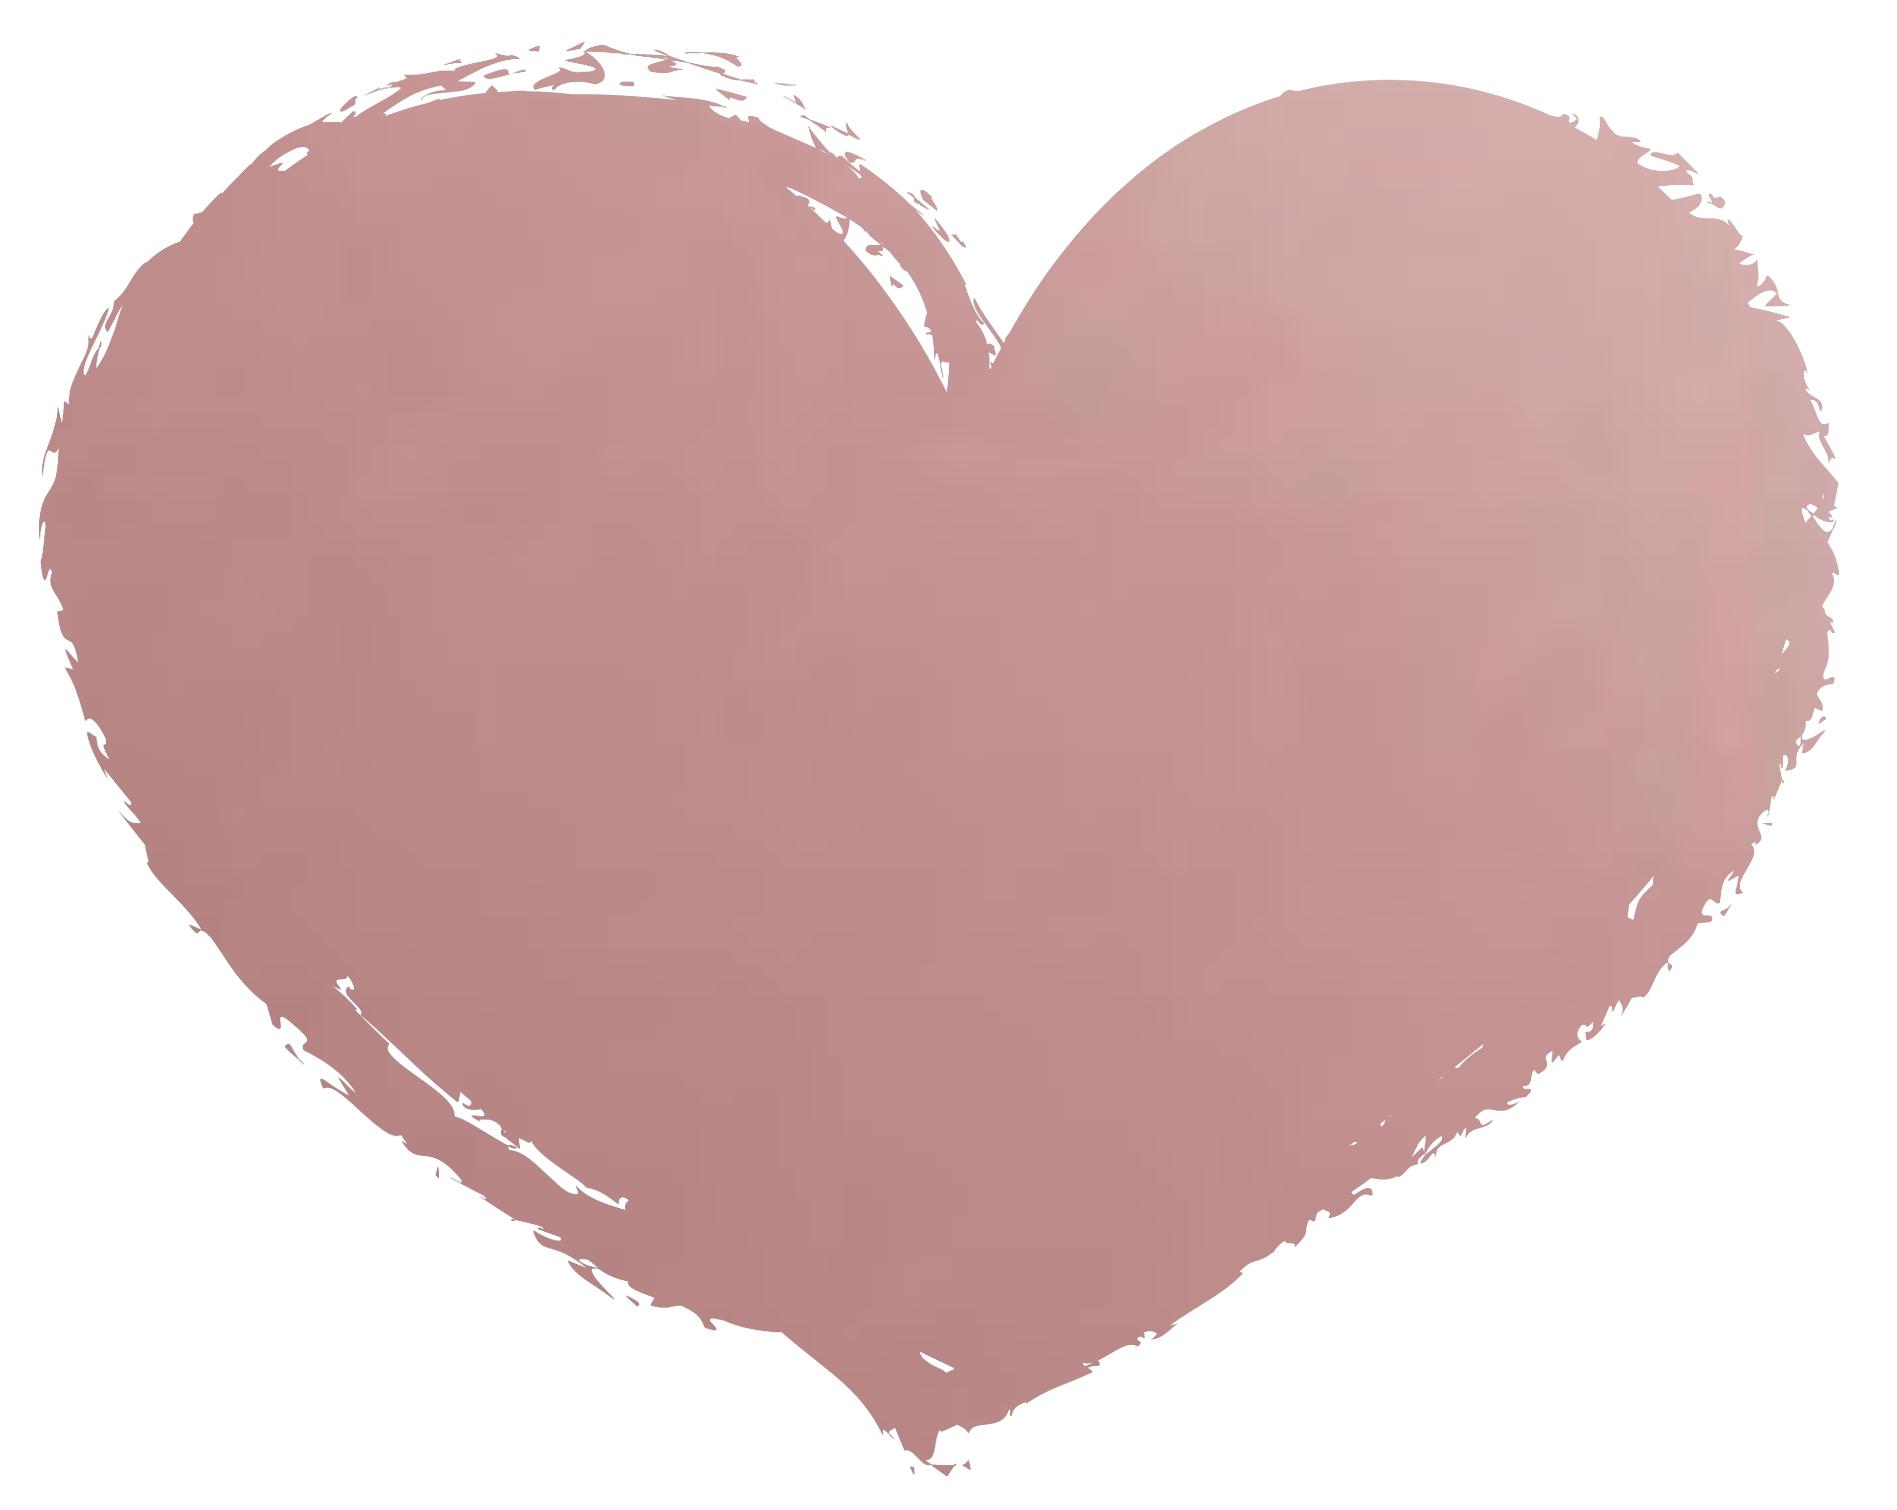 rose-heart.jpg